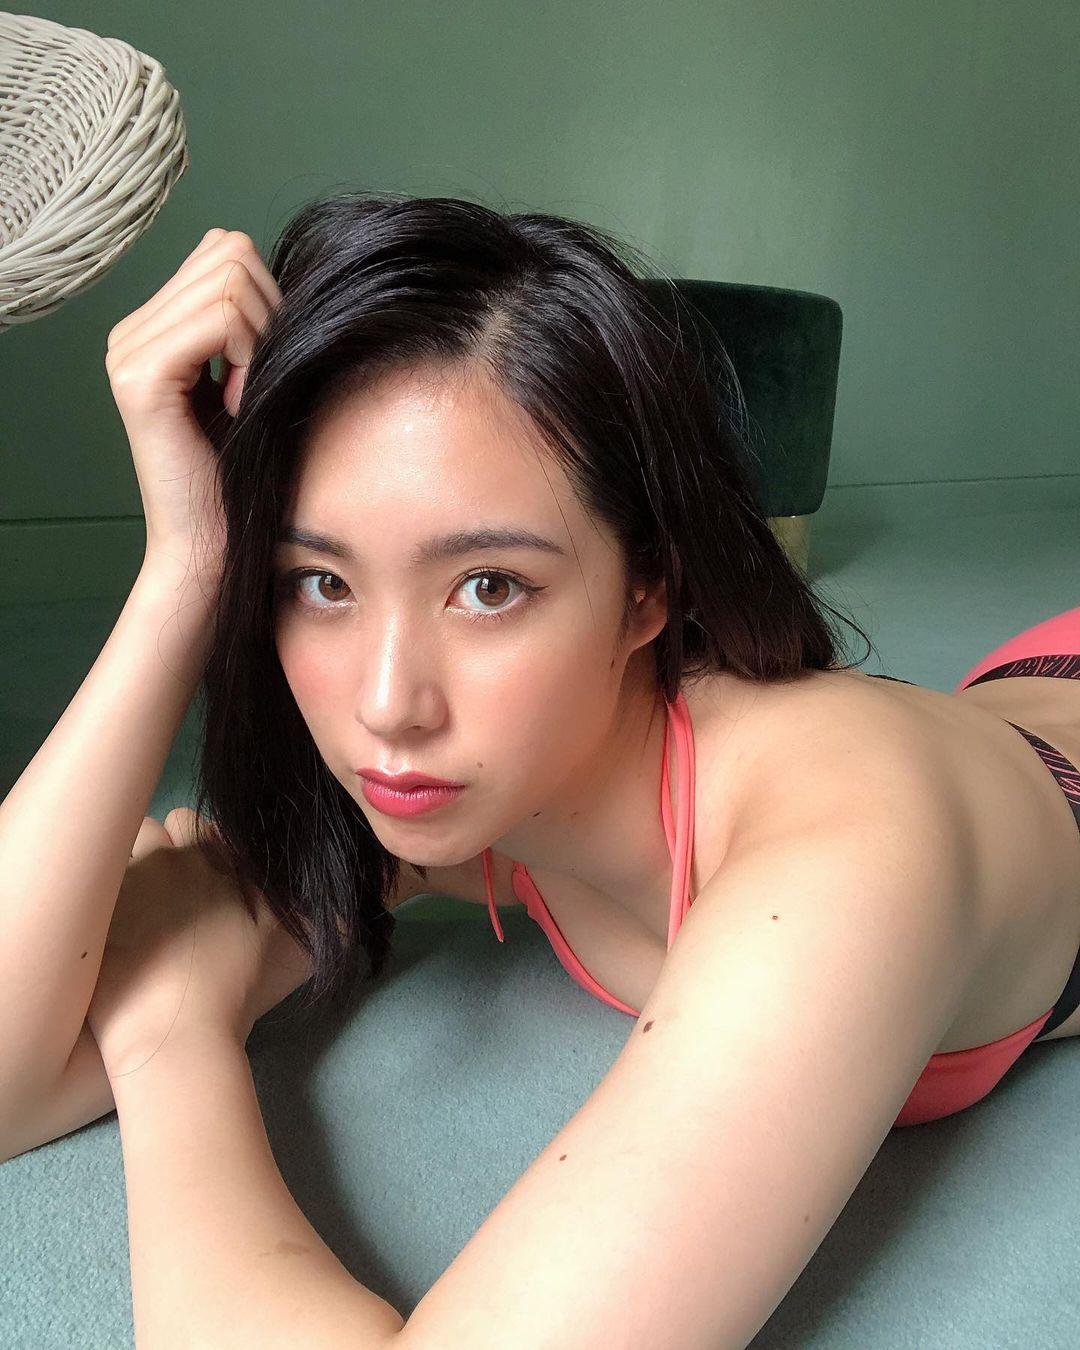 长腿小姐姐CHIAKI完美腰身甜美笑容让人瞬间沦陷